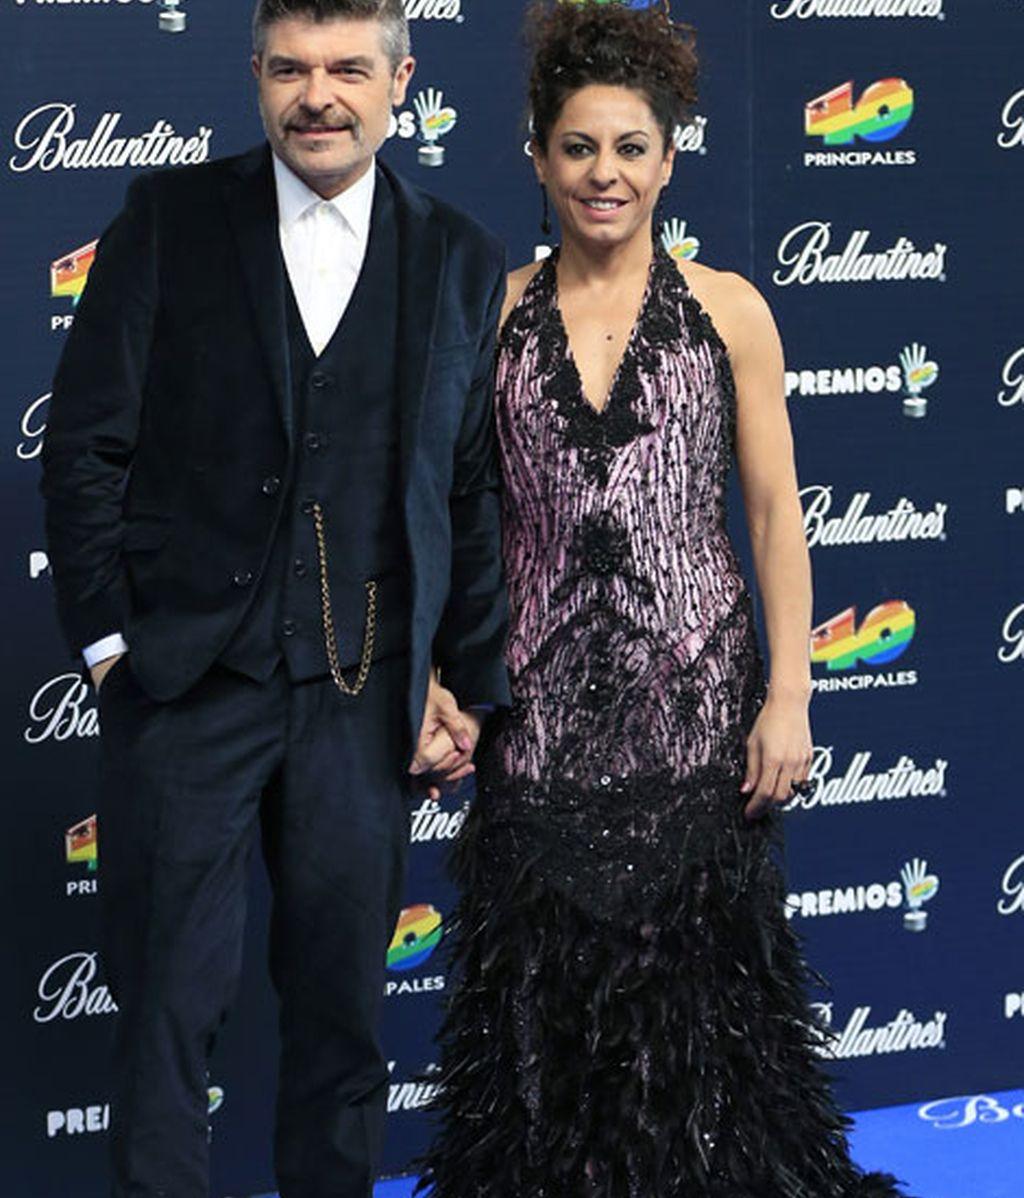 Los invitados eligieron colores oscuros para sus estilismos